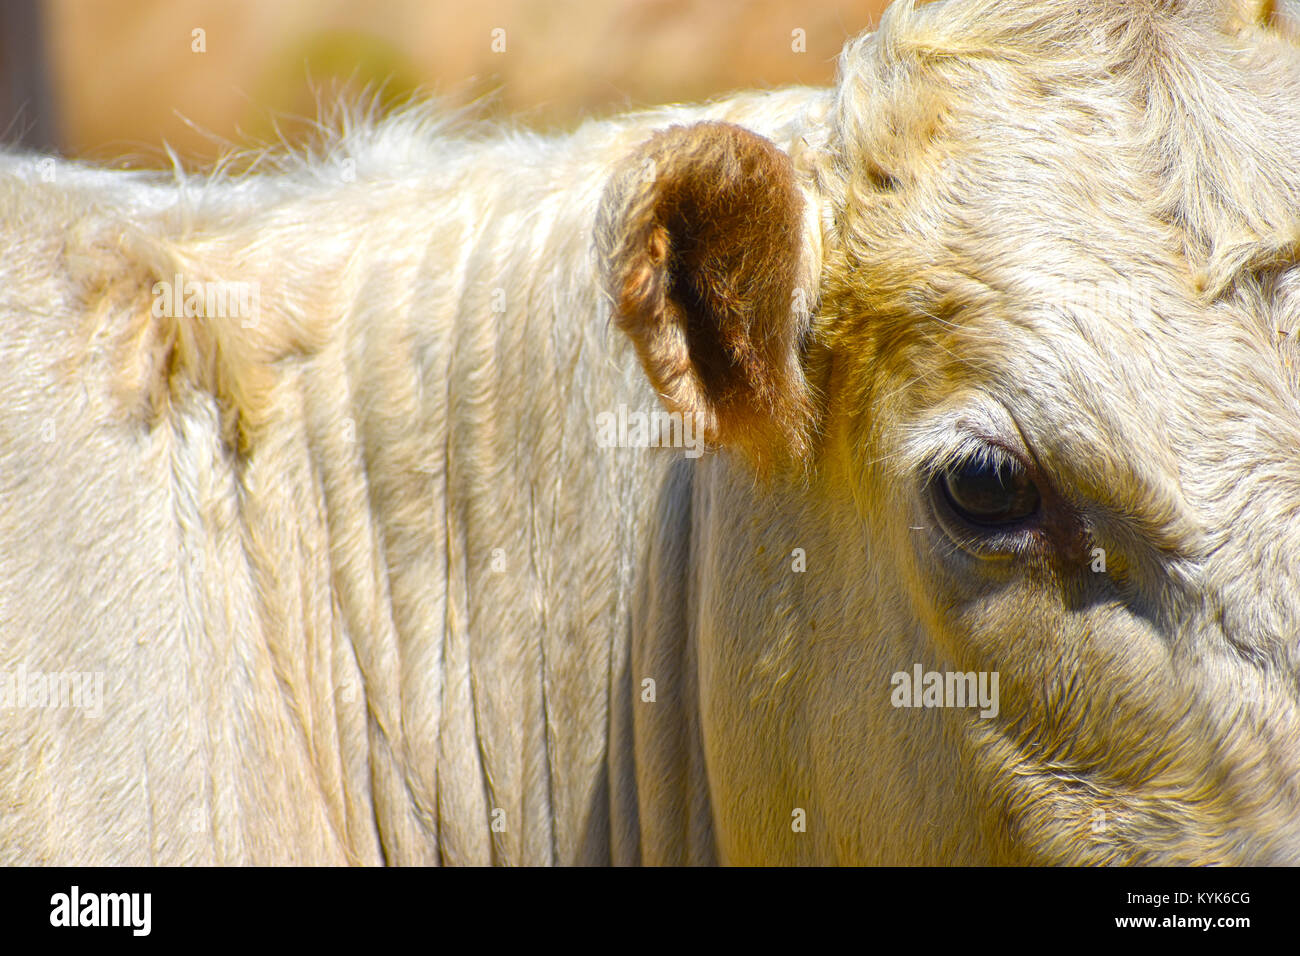 Bull vaca con cerrar los detalles del ojo y del oído. Foto de stock